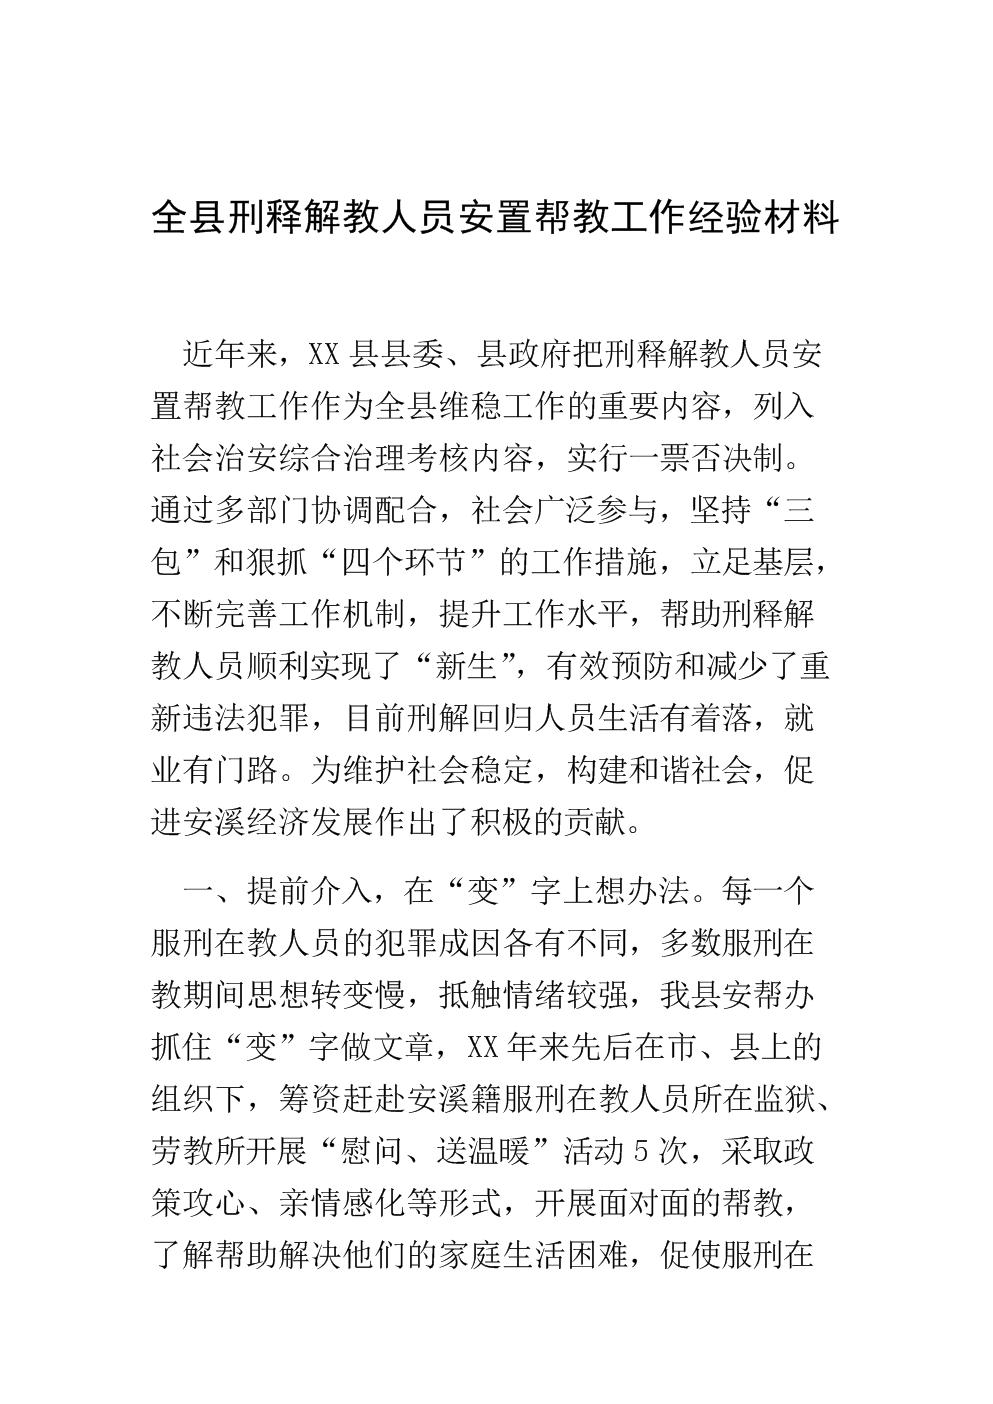 全县刑释解教人员安置帮教工作经验材料.doc